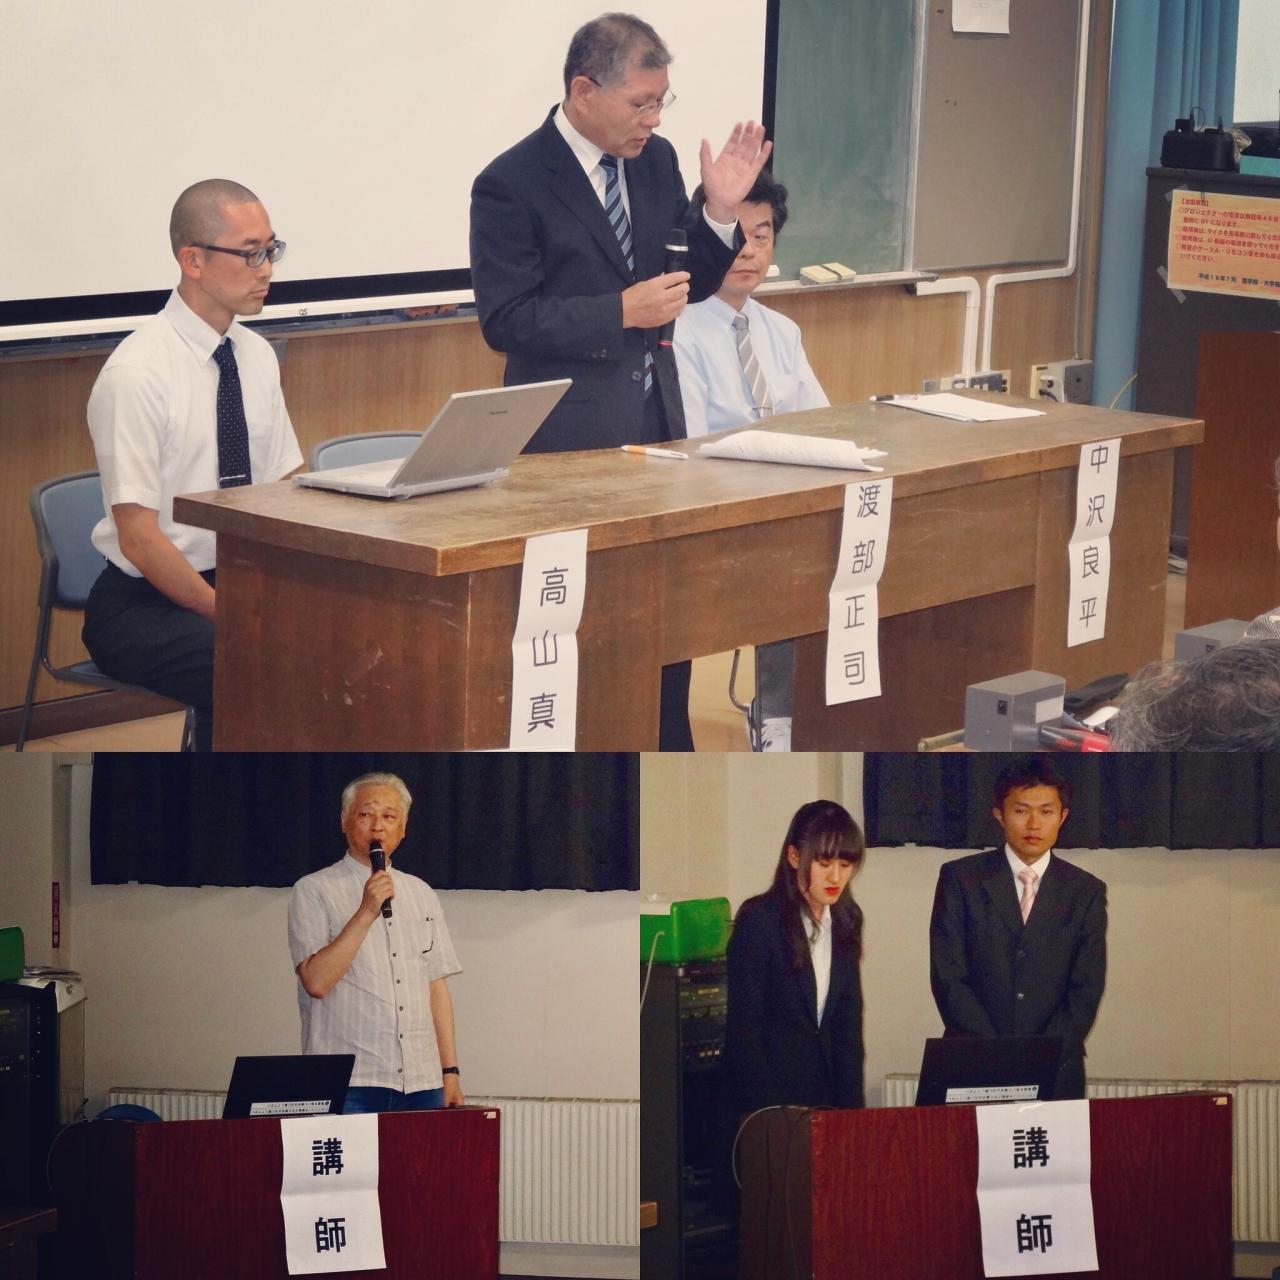 お知らせ全日本鍼灸学会東北支部第35回学術集会